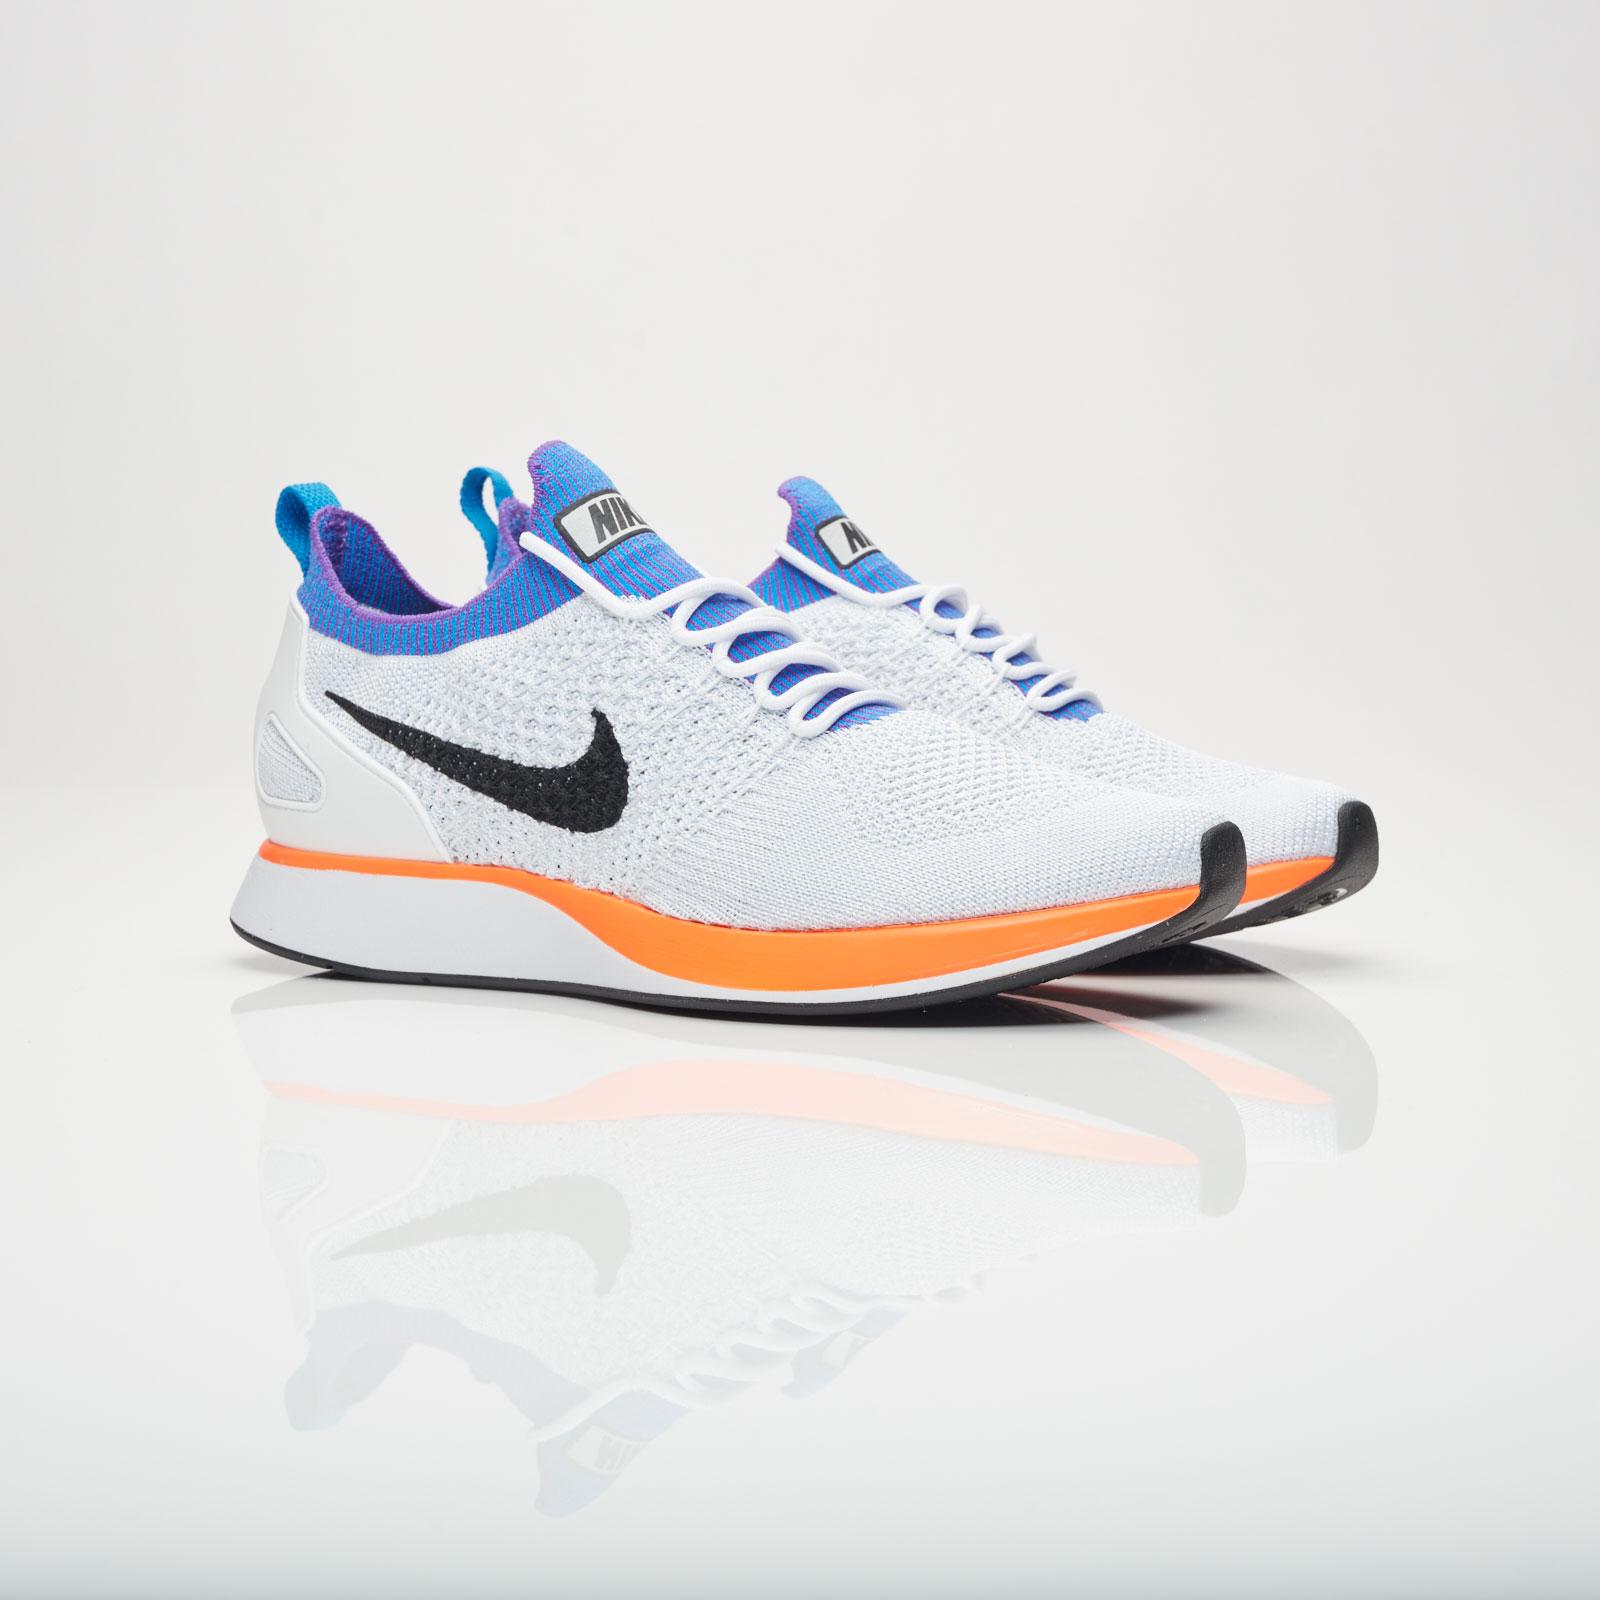 50653ac74f3b Nike Air Zoom Mariah Flyknit Racer - 918264-100 - Sneakersnstuff ...